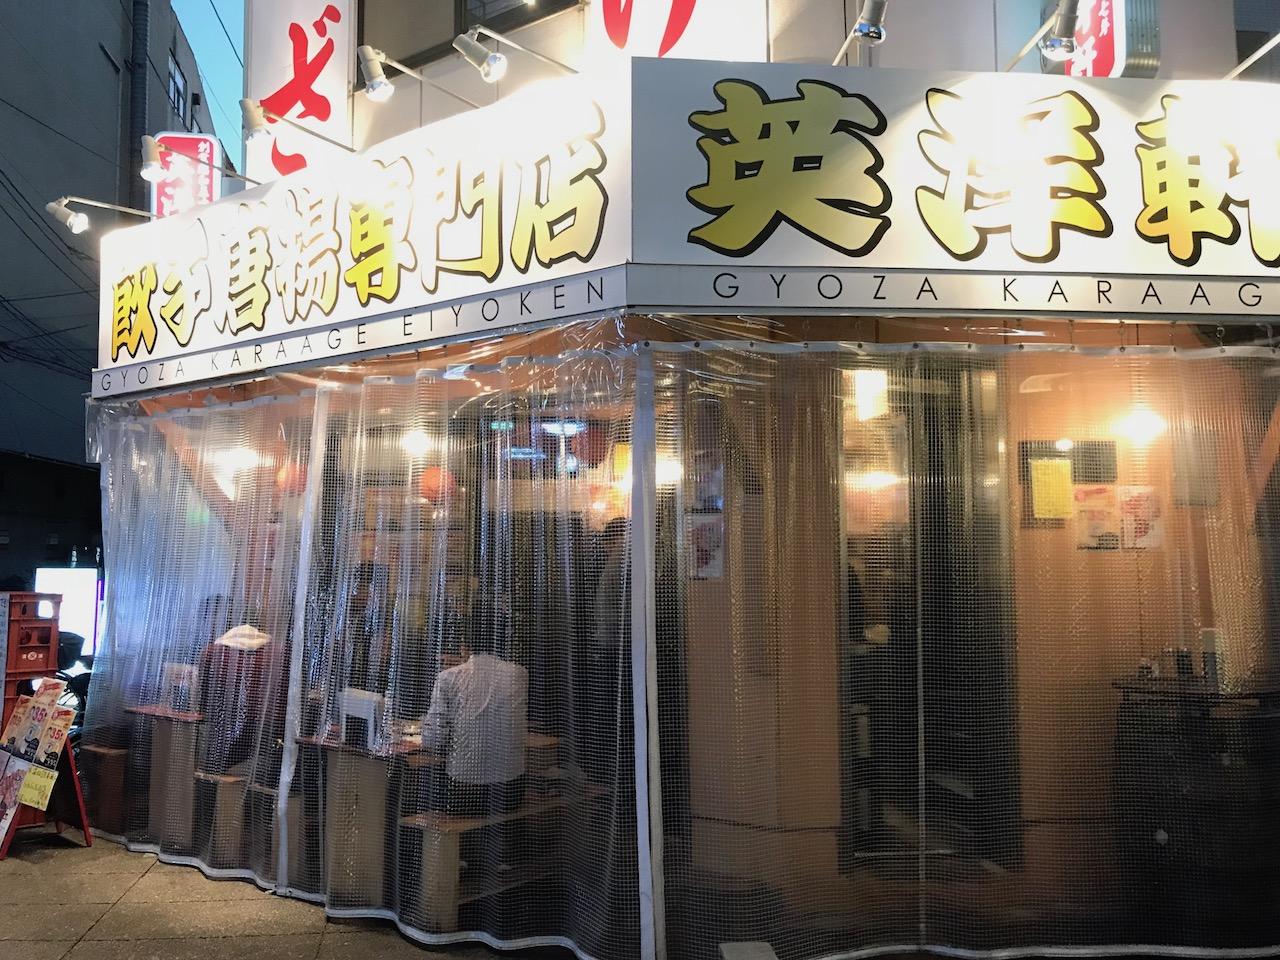 姫路の立ち飲みシェアNo1!安い!英洋軒の南町店で新作の姫路ぎょうざと唐揚げとハイボールで楽しんだよ